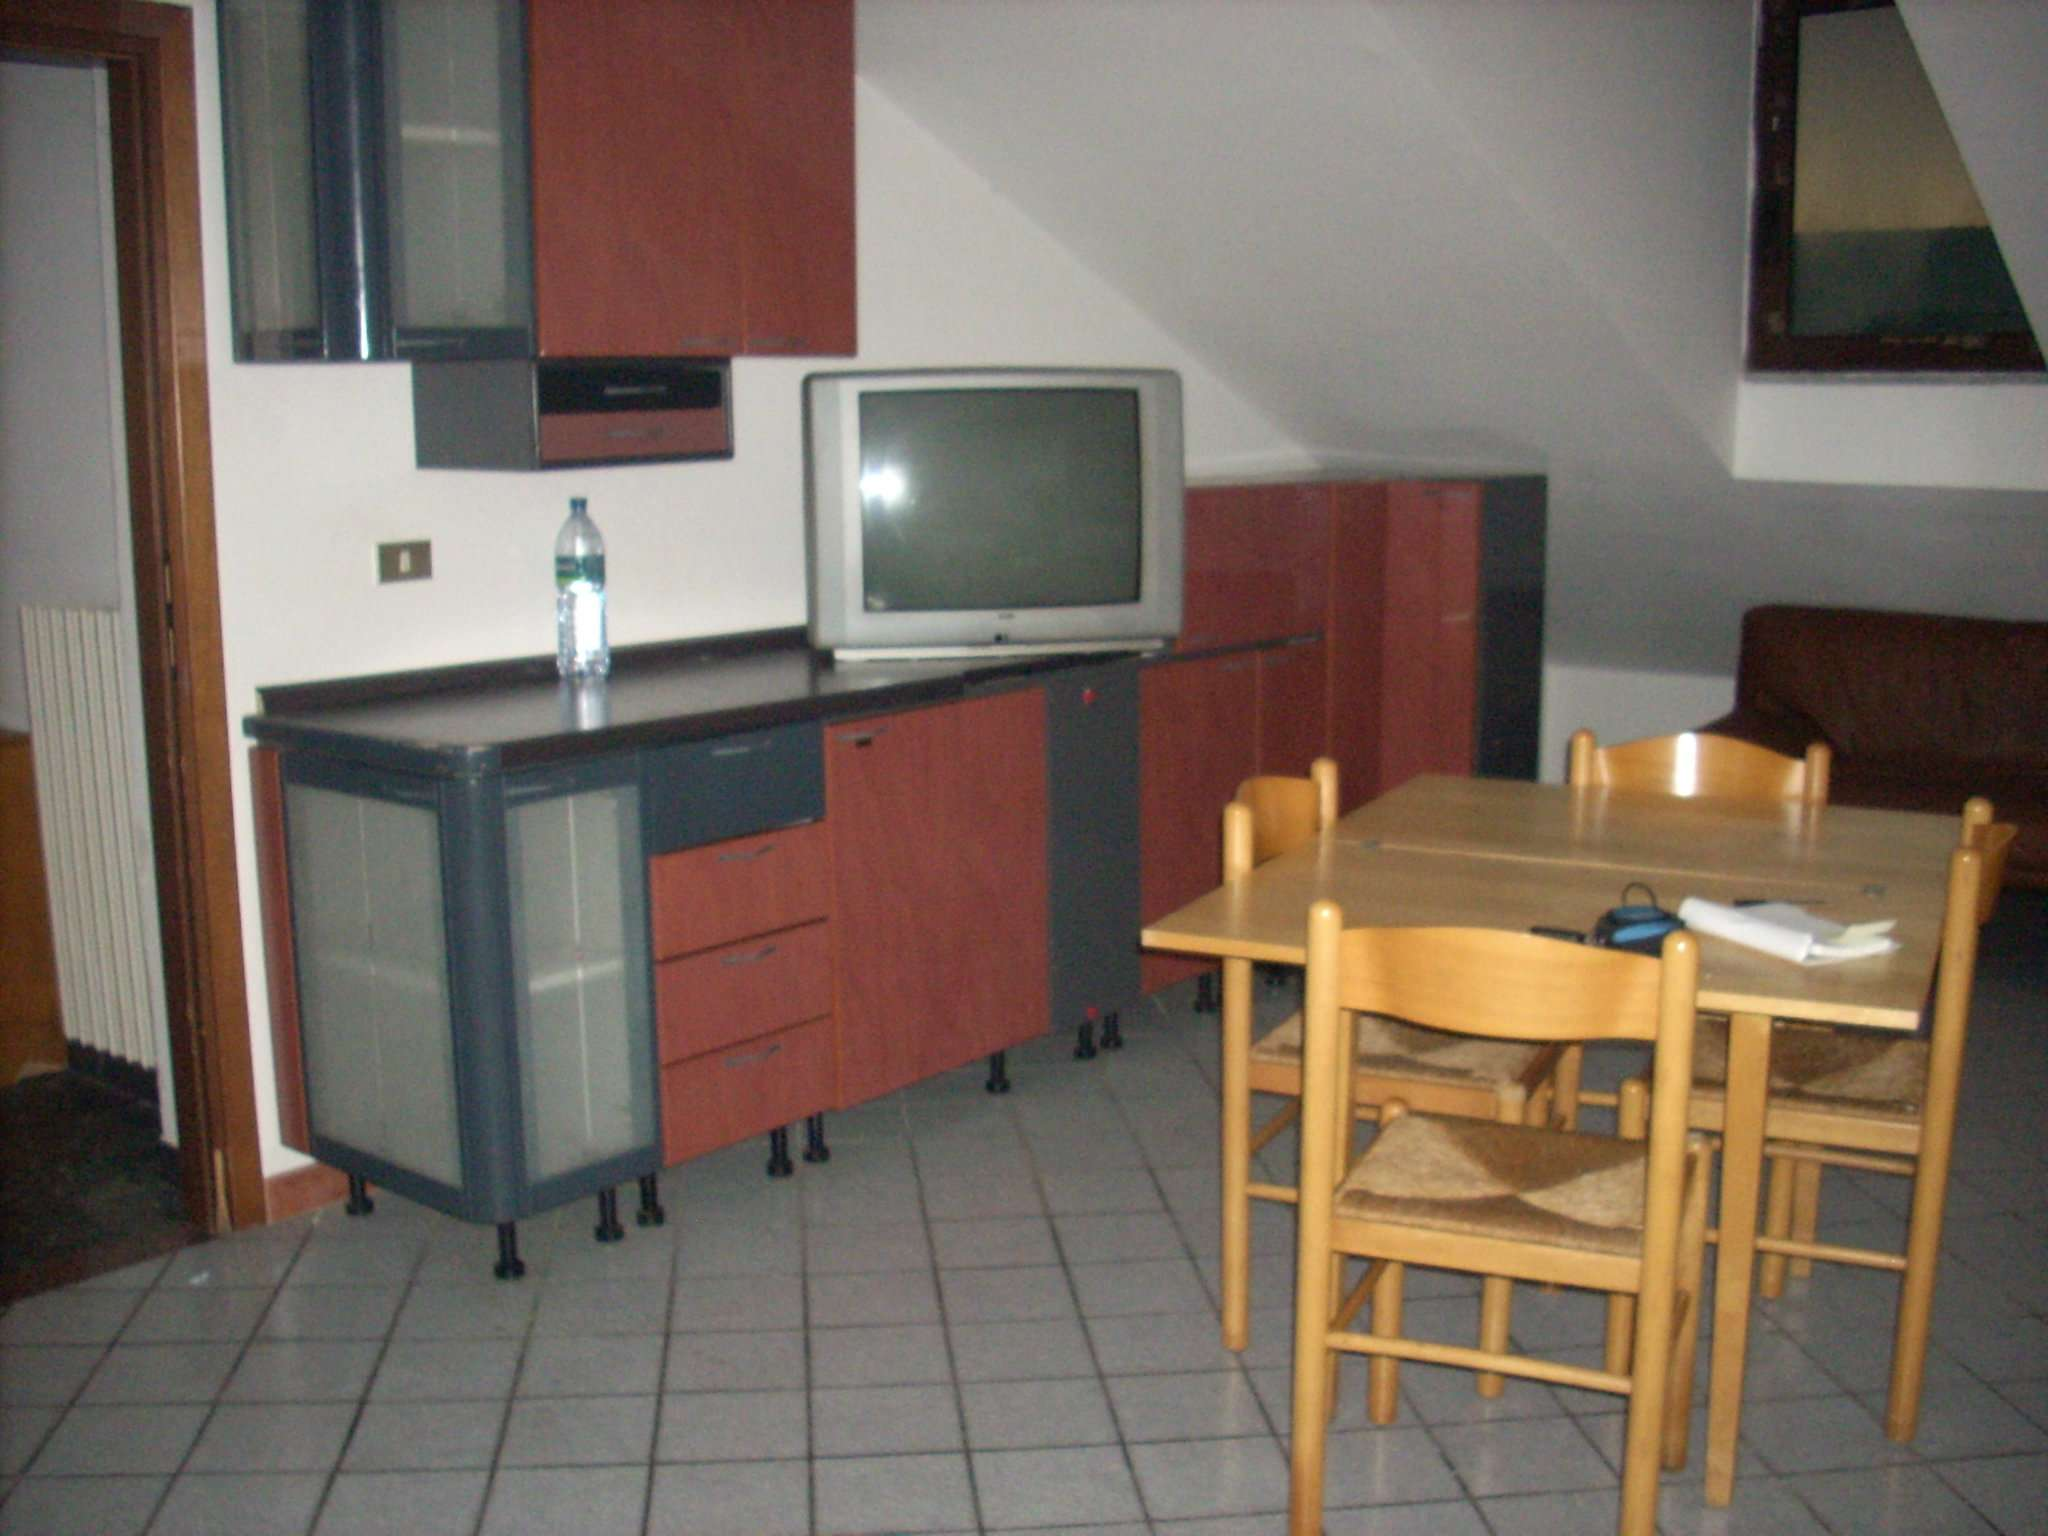 Attico / Mansarda in affitto a Novi Ligure, 3 locali, prezzo € 330 | Cambio Casa.it